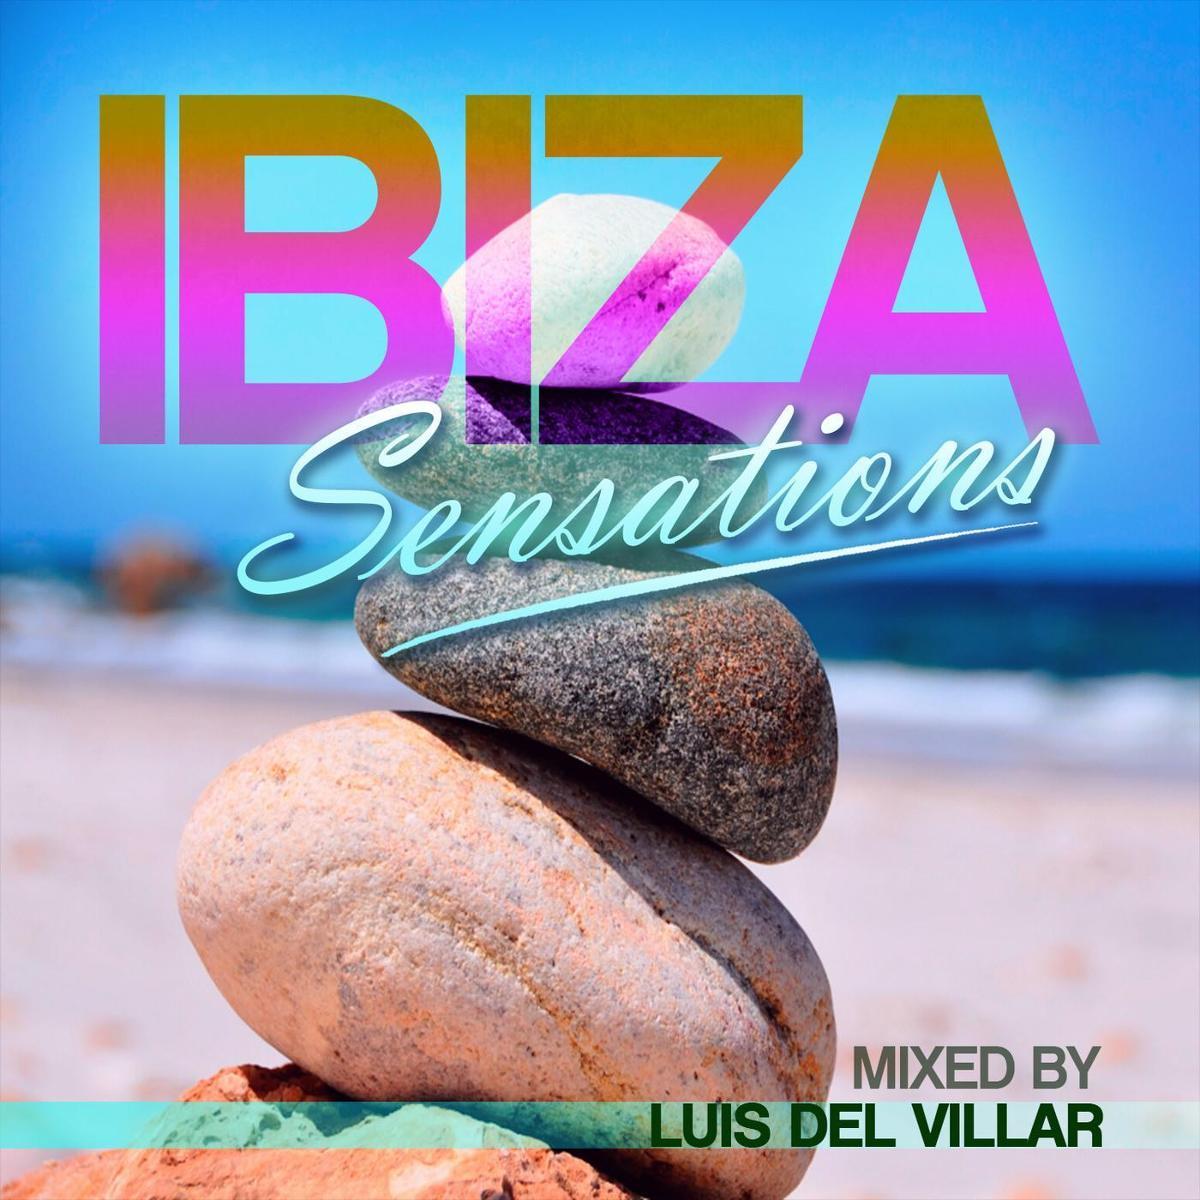 Ibiza Sensations 243 by Luis Del Villar